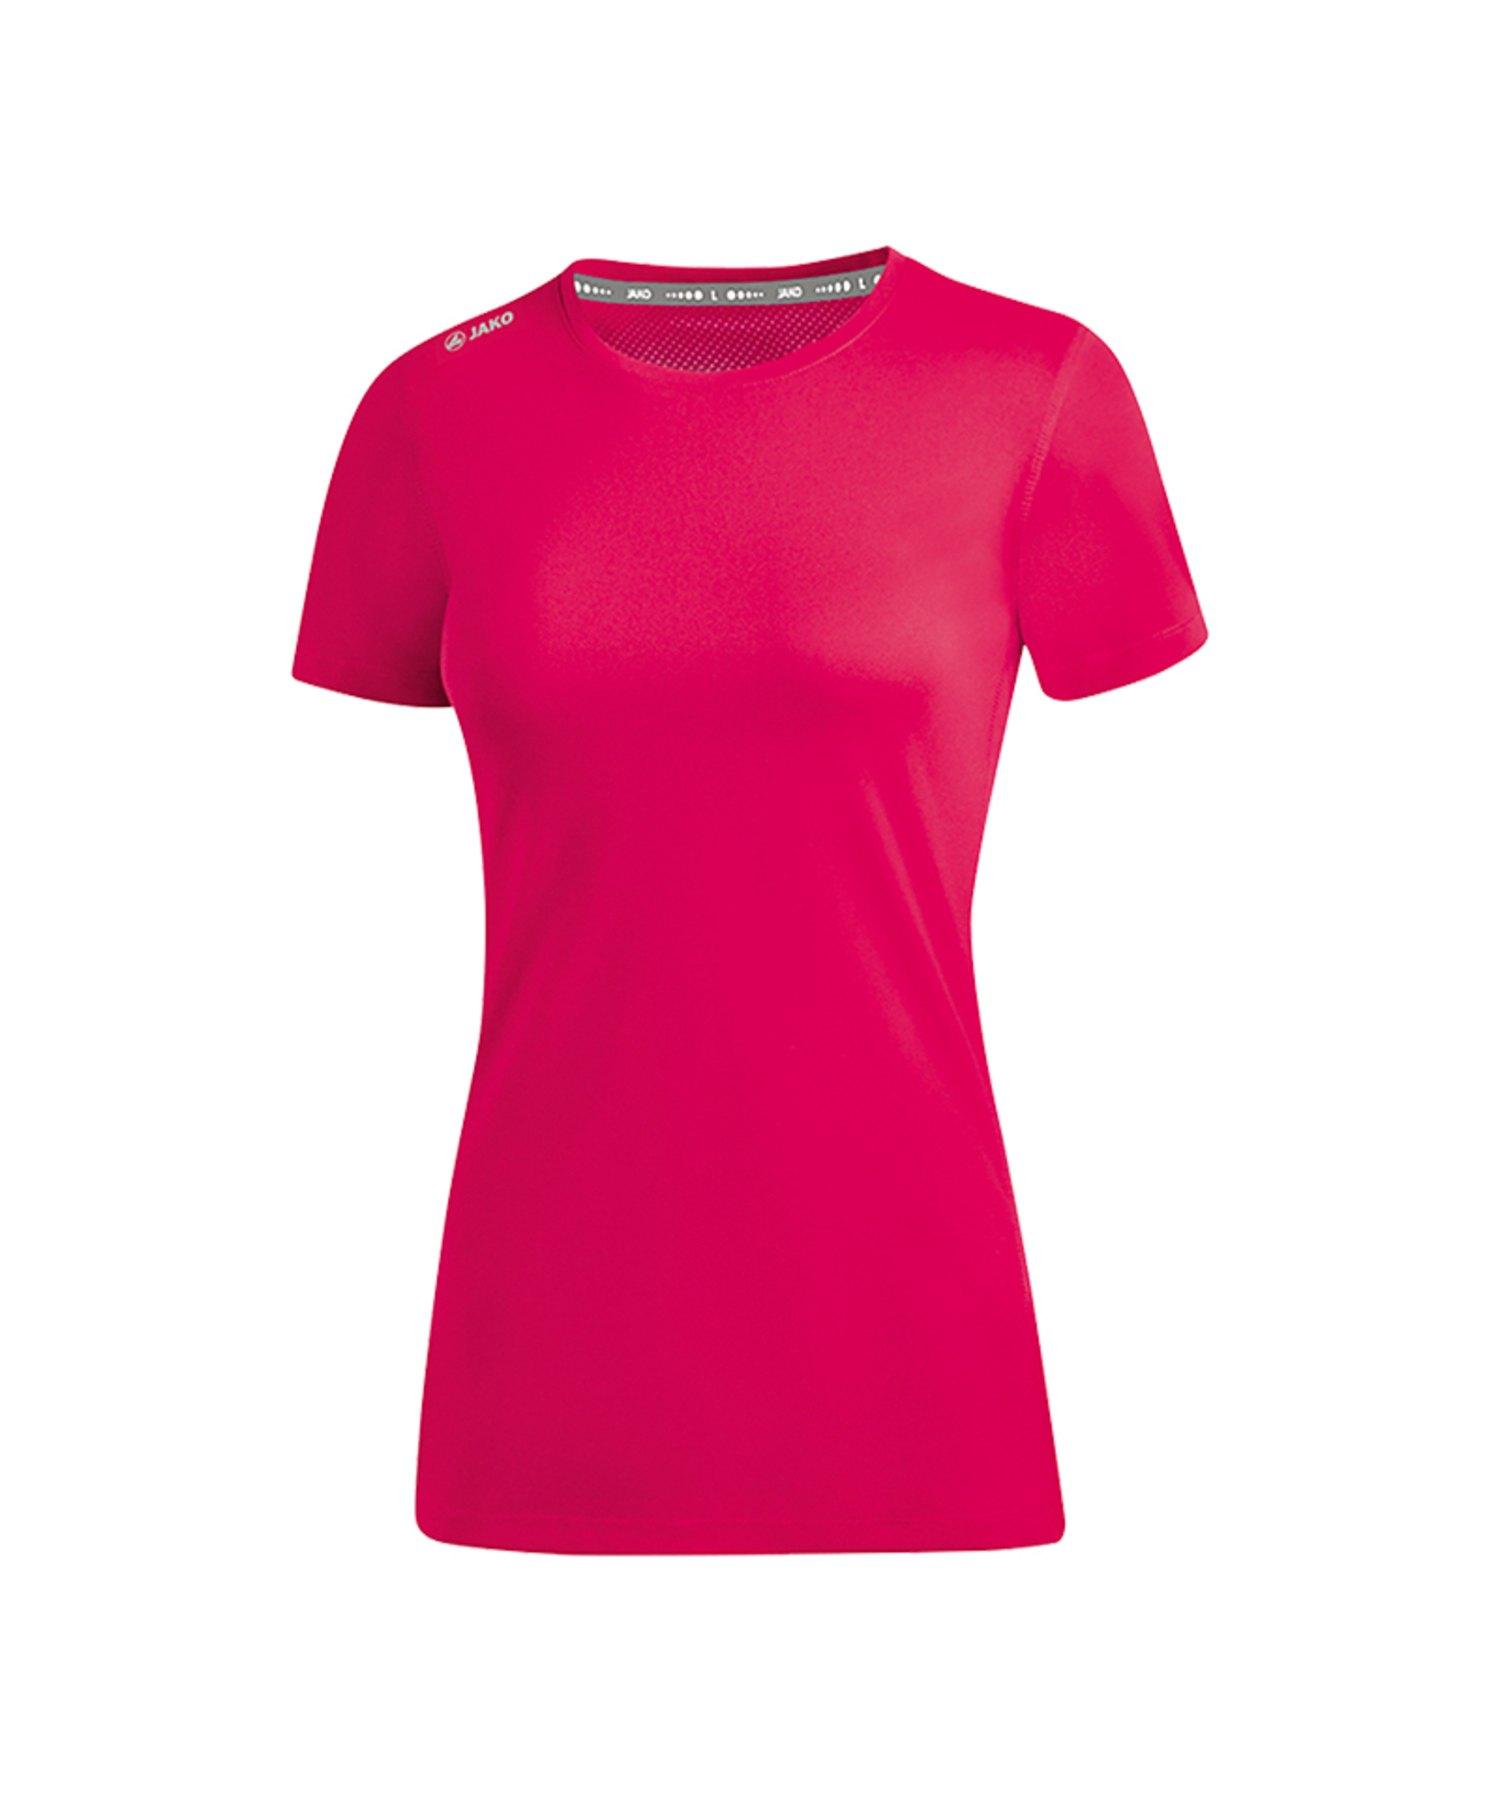 Jako Run 2.0 T-Shirt Running Damen Pink F51 - Pink